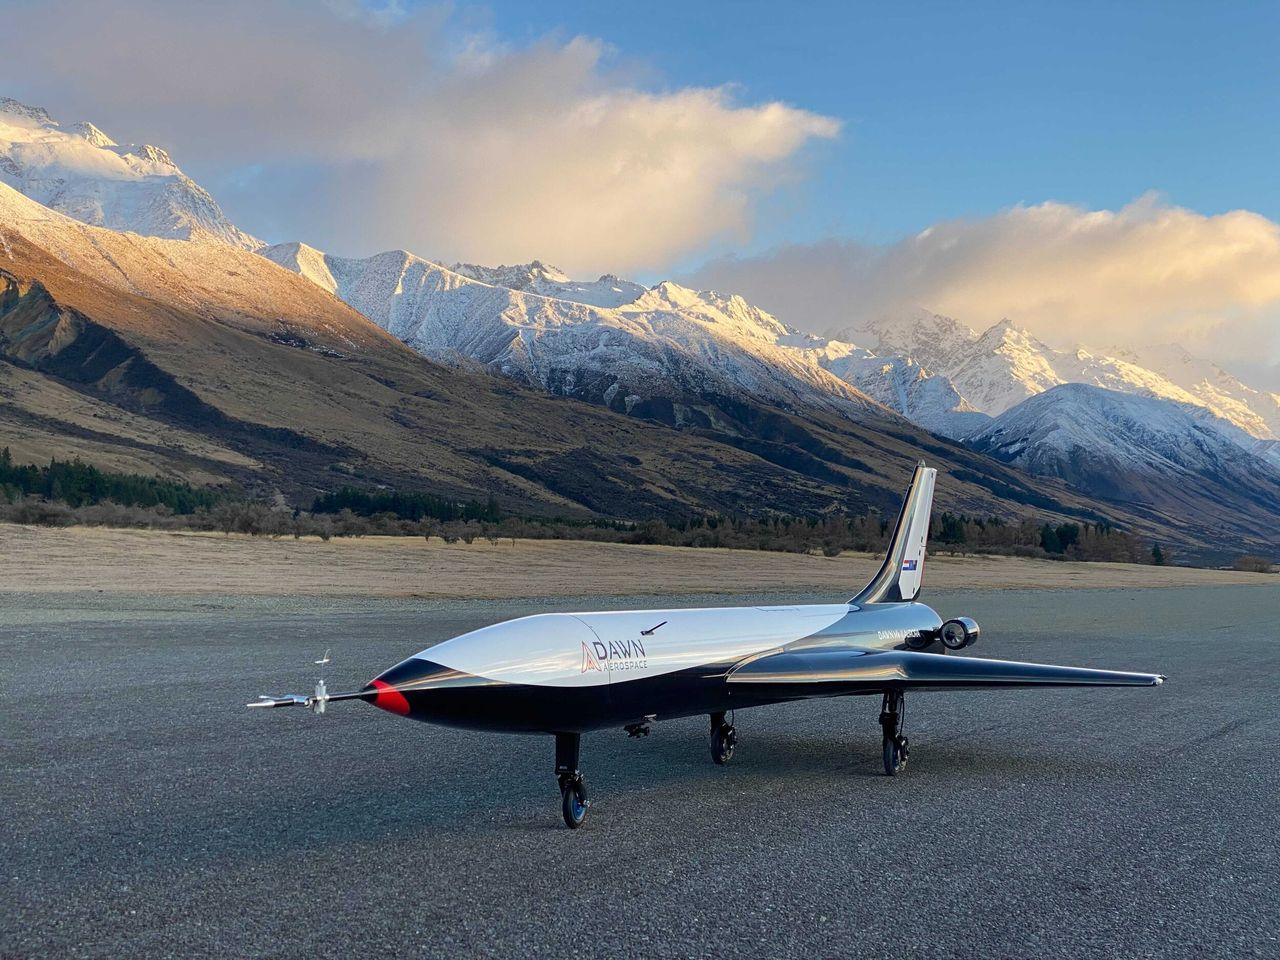 Dawn Aerospace har testat sitt rymdflygplan Aurora